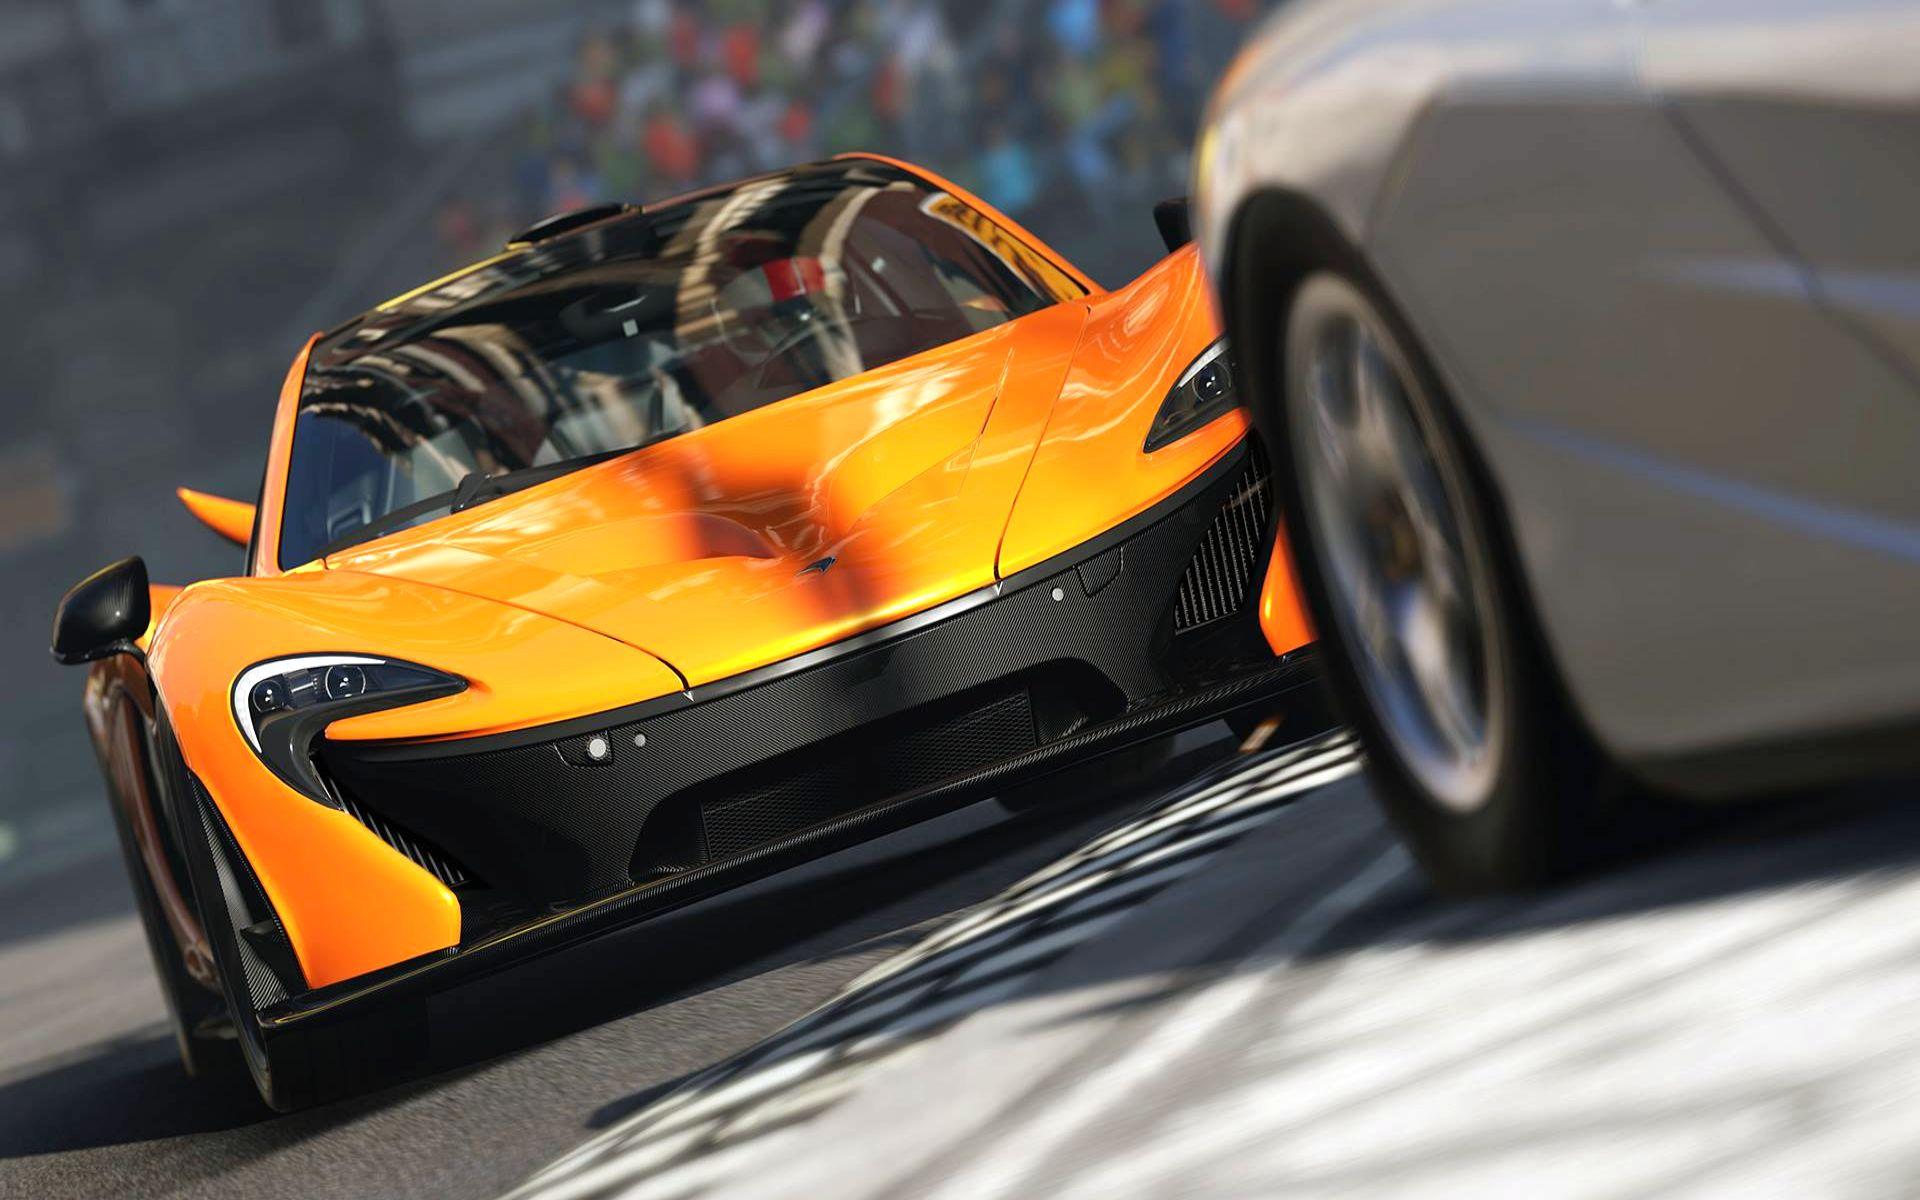 Forza Motorsport 5 Computer Wallpapers Desktop Backgrounds 1920x1200